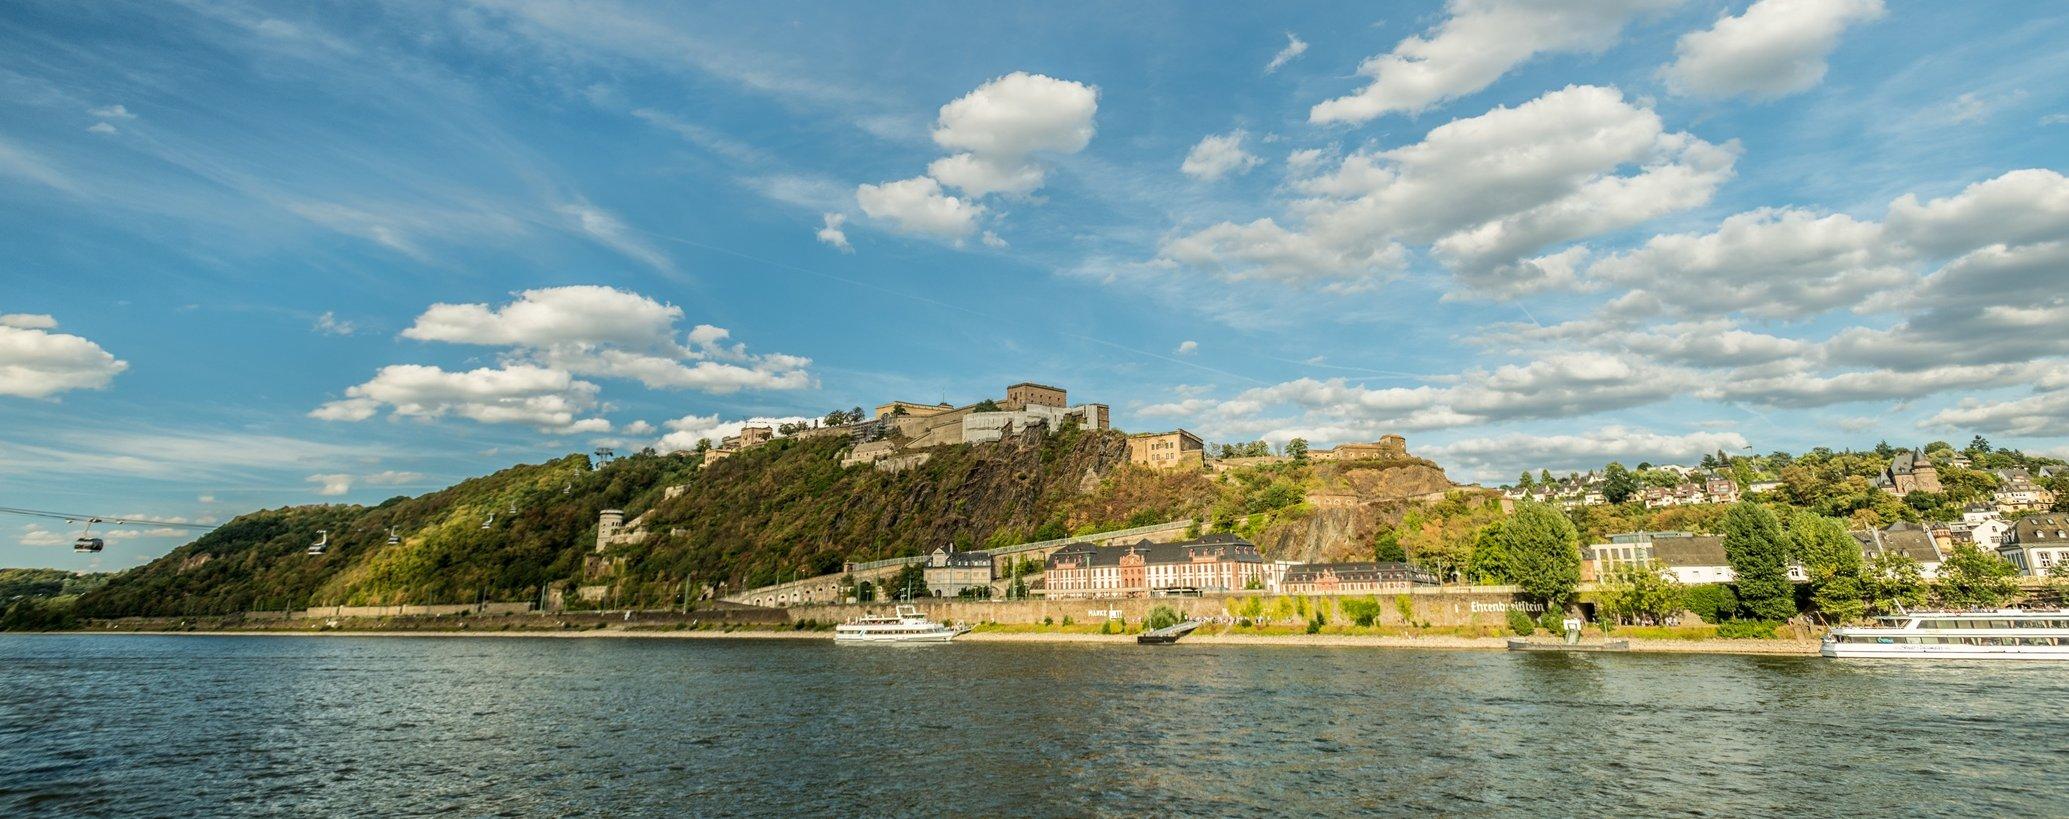 Uitzicht op de vesting Ehrenbreitstein in Koblenz, Romantische Rijn